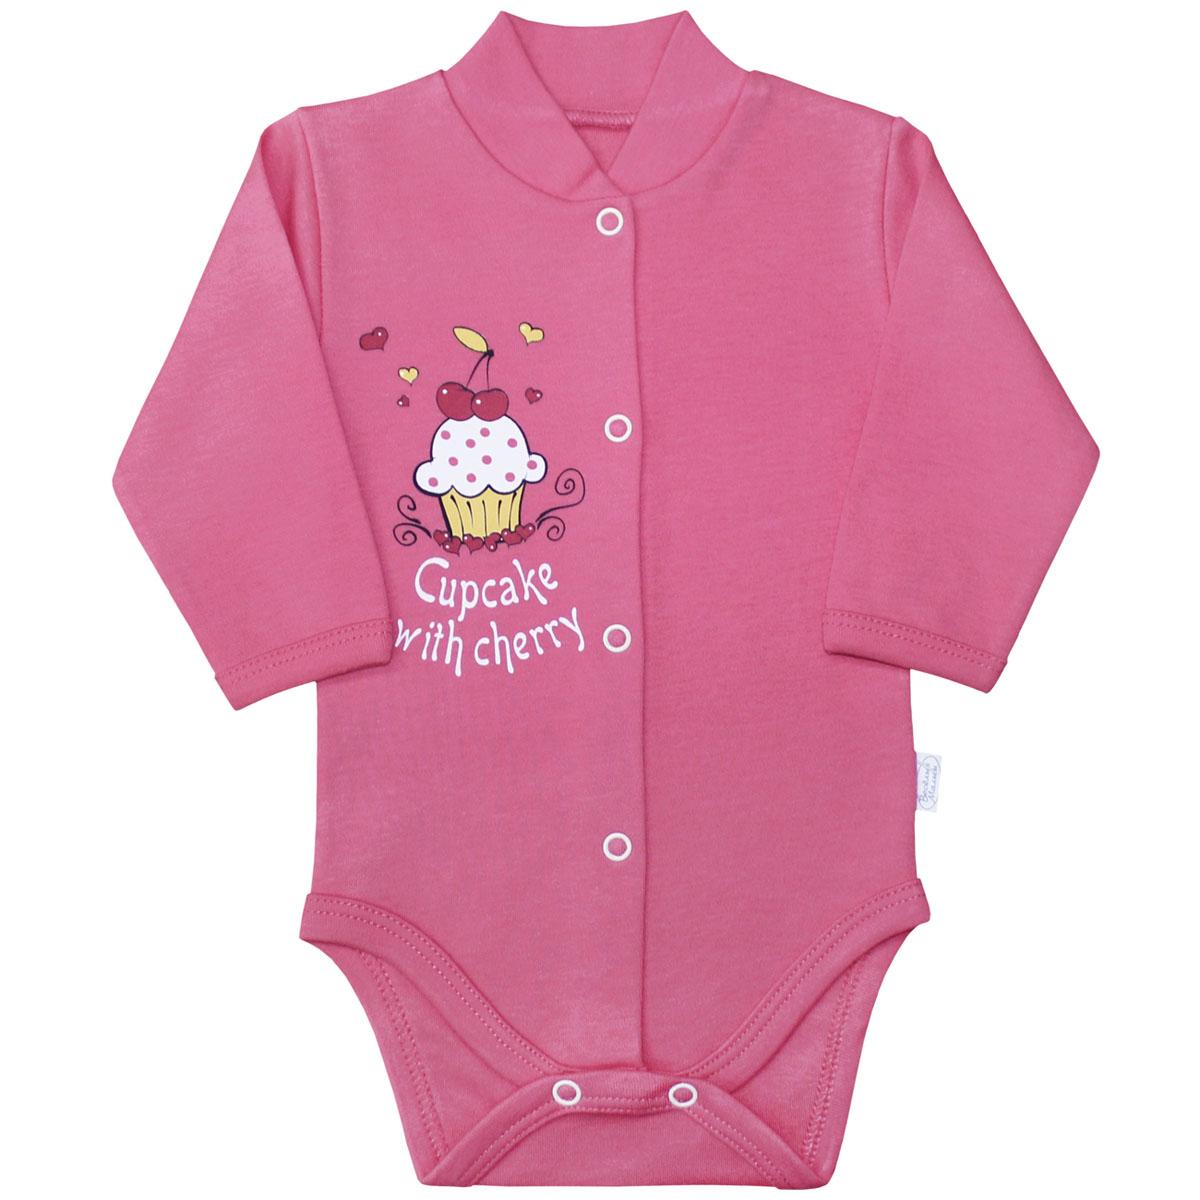 Боди для девочки Веселый малыш Спелая вишня, цвет: розовый. 141/322св-C (1). Размер 68 пижама для девочки веселый малыш цвет розовый 9215 m 1 размер 128